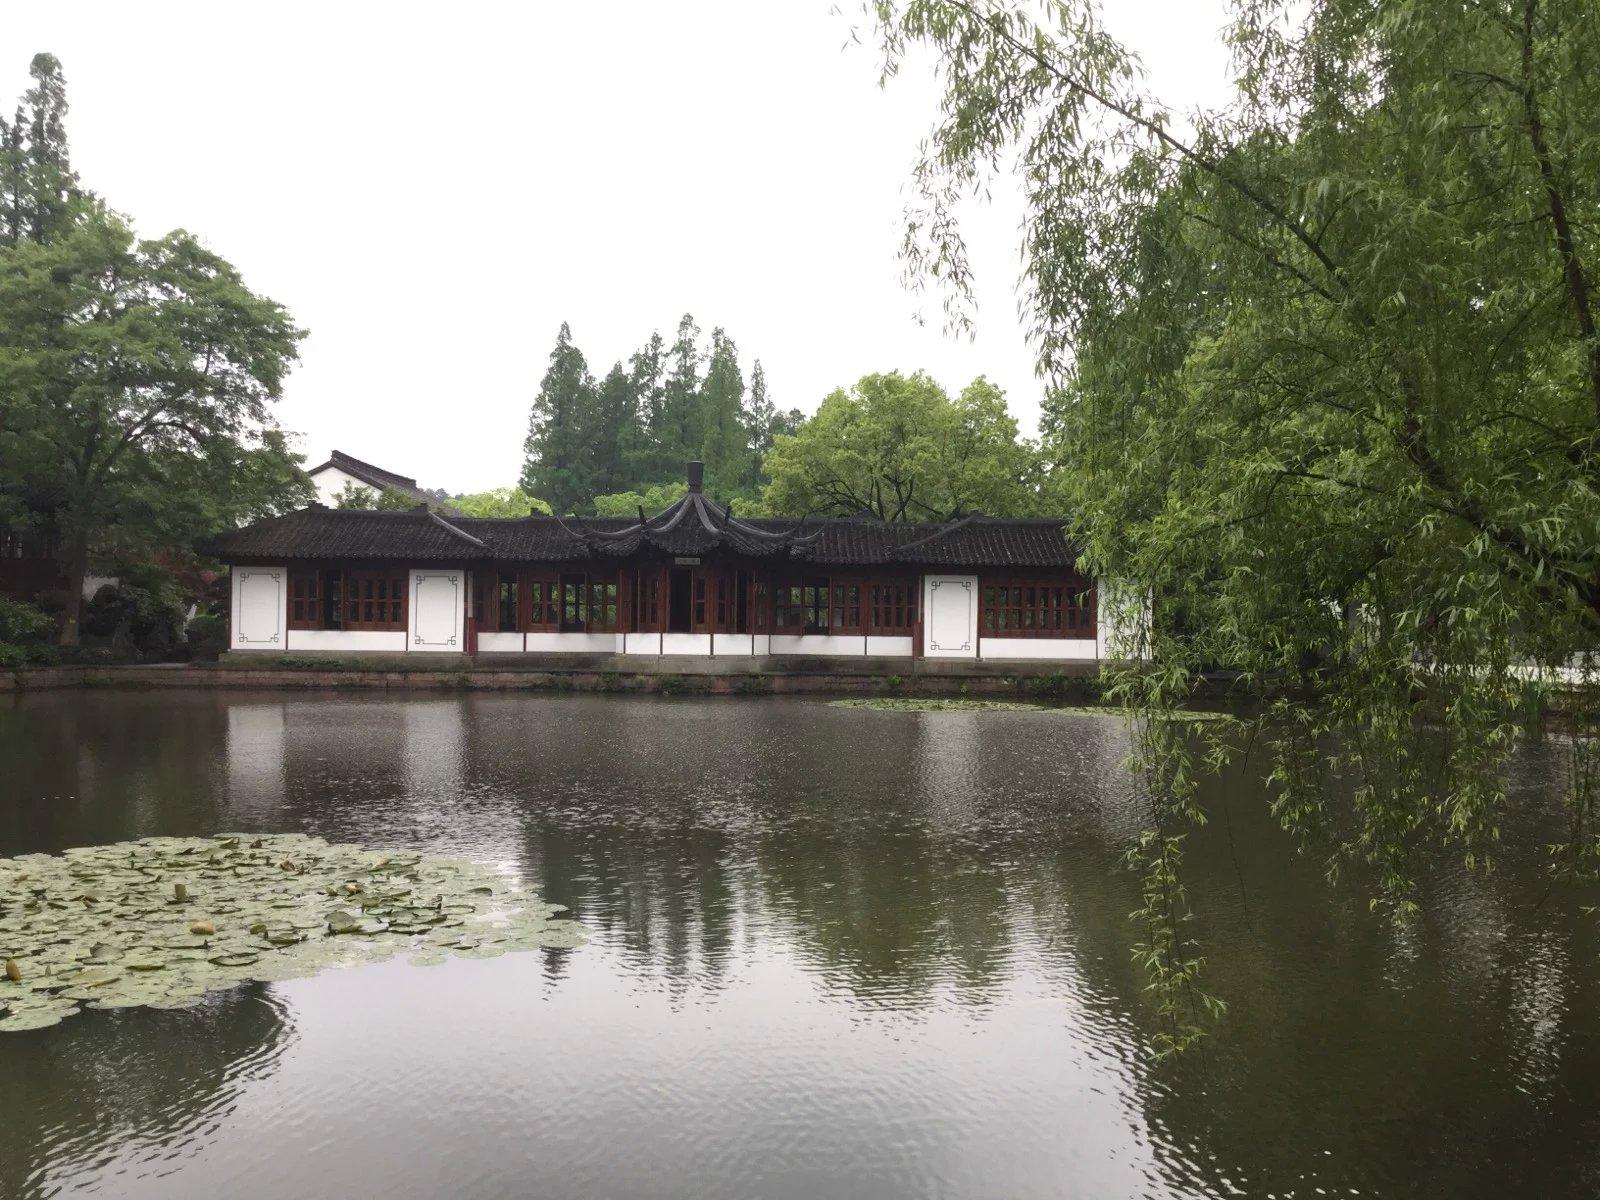 大郭庄街道风景